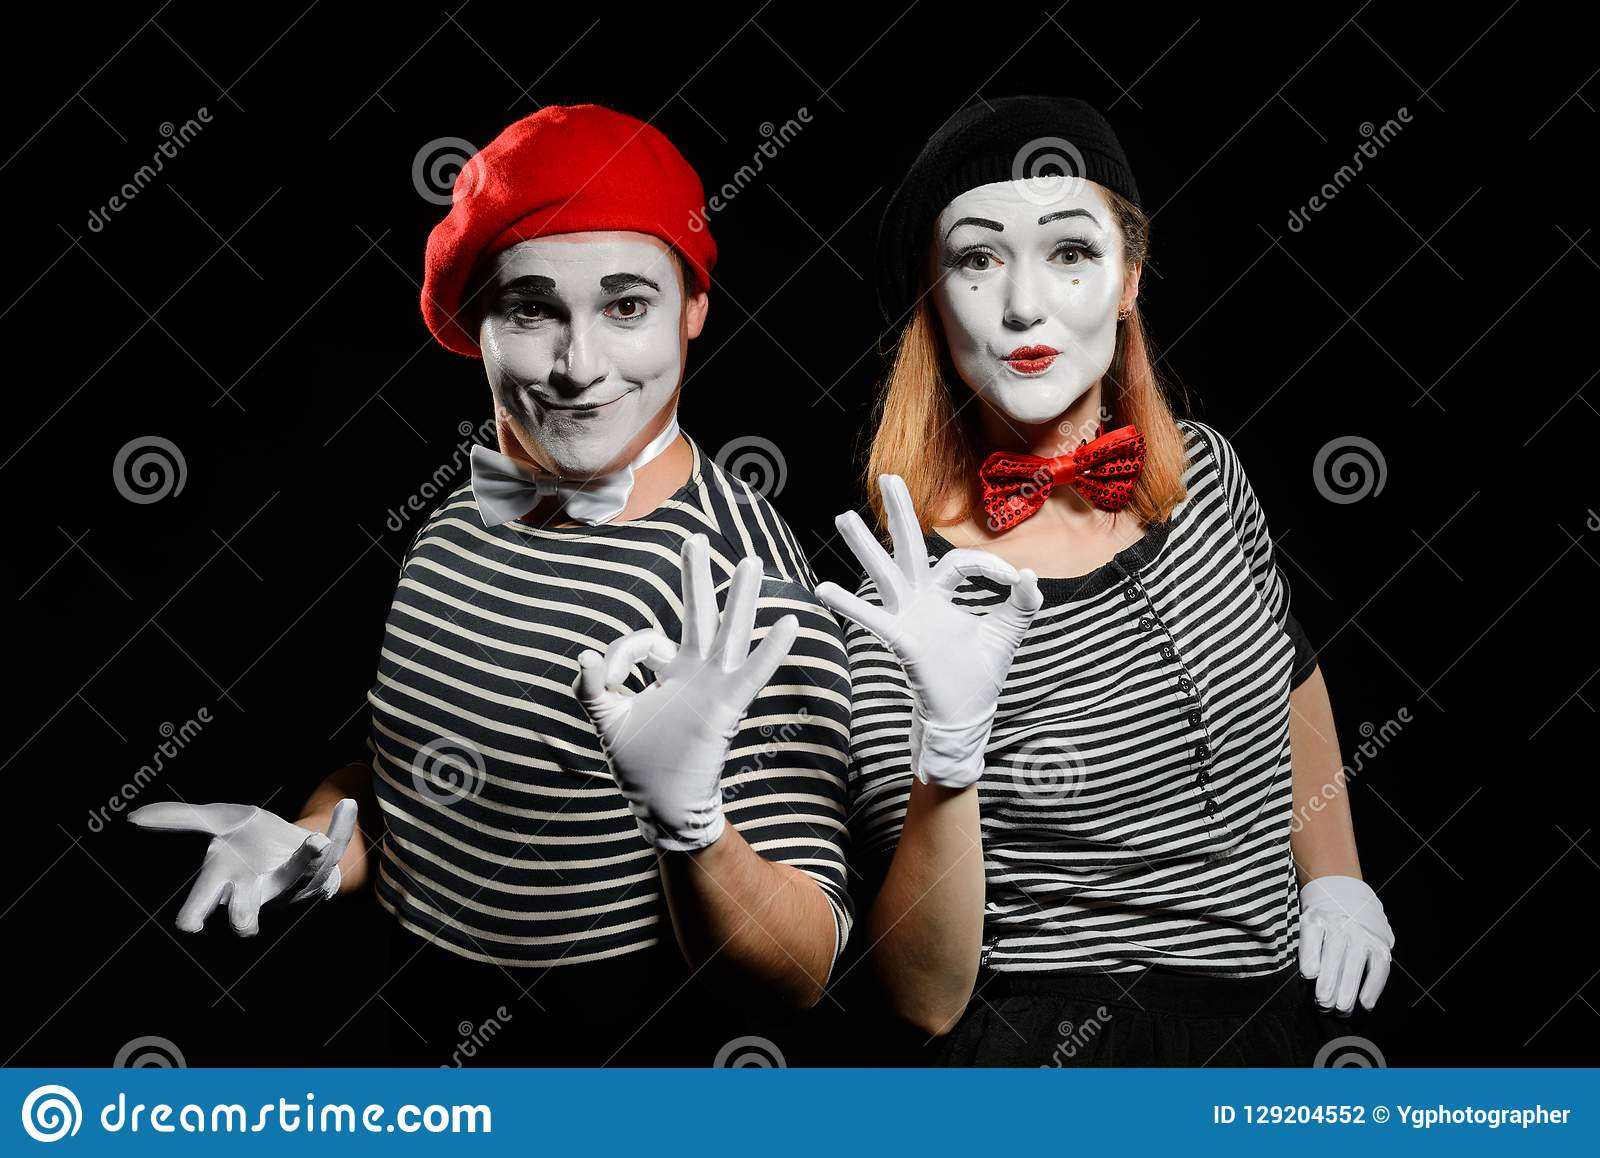 Секс с пантомимой — img 2